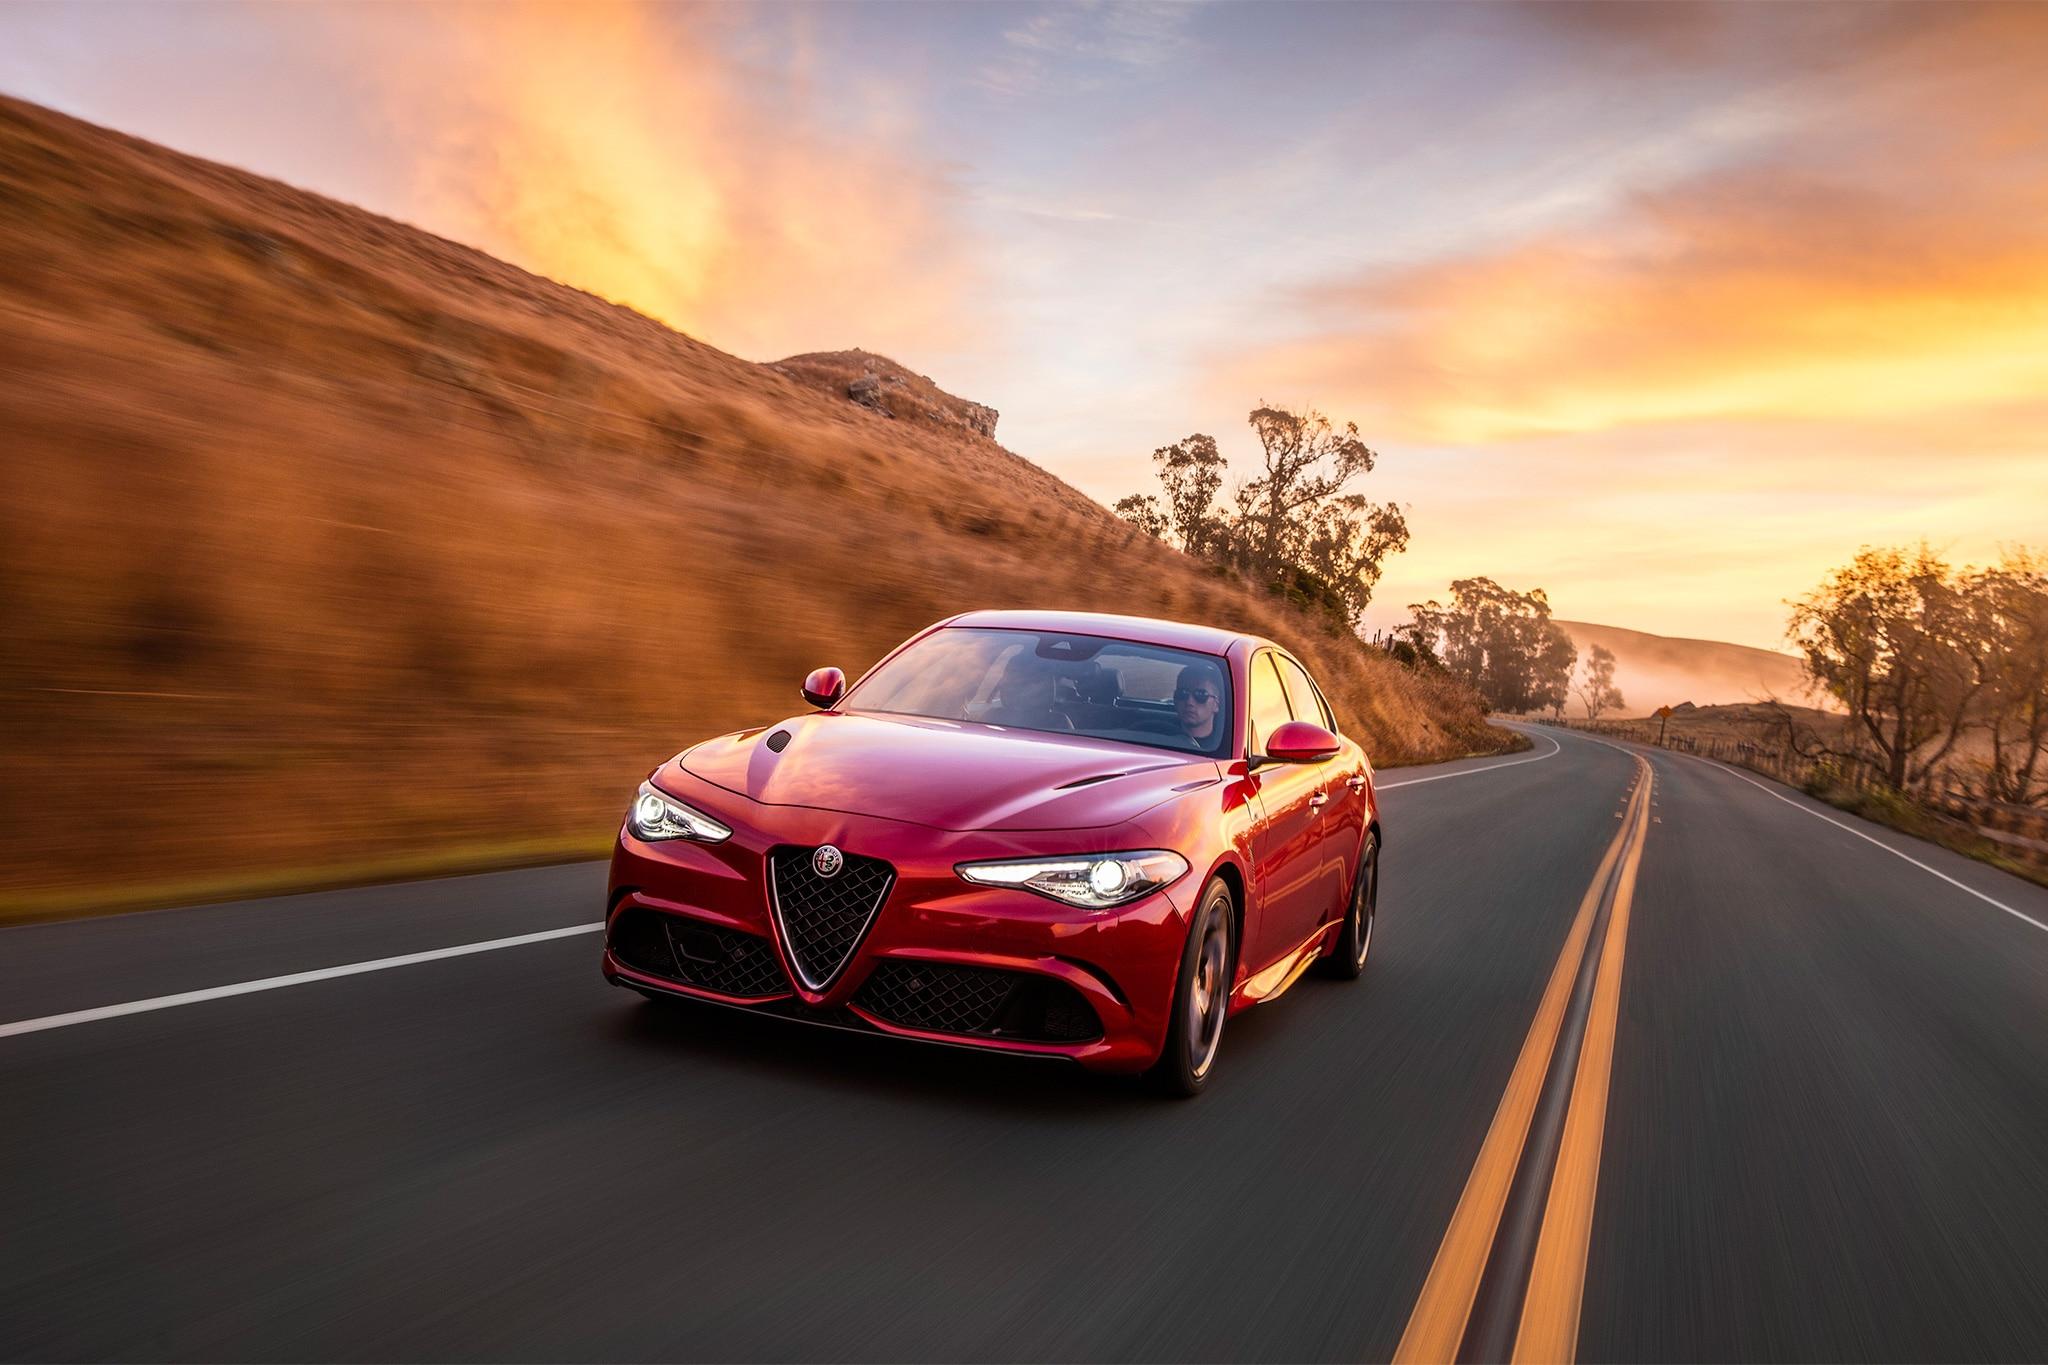 2017 Alfa Romeo Giulia Quadrifoglio, Giulia Ti Engine Details